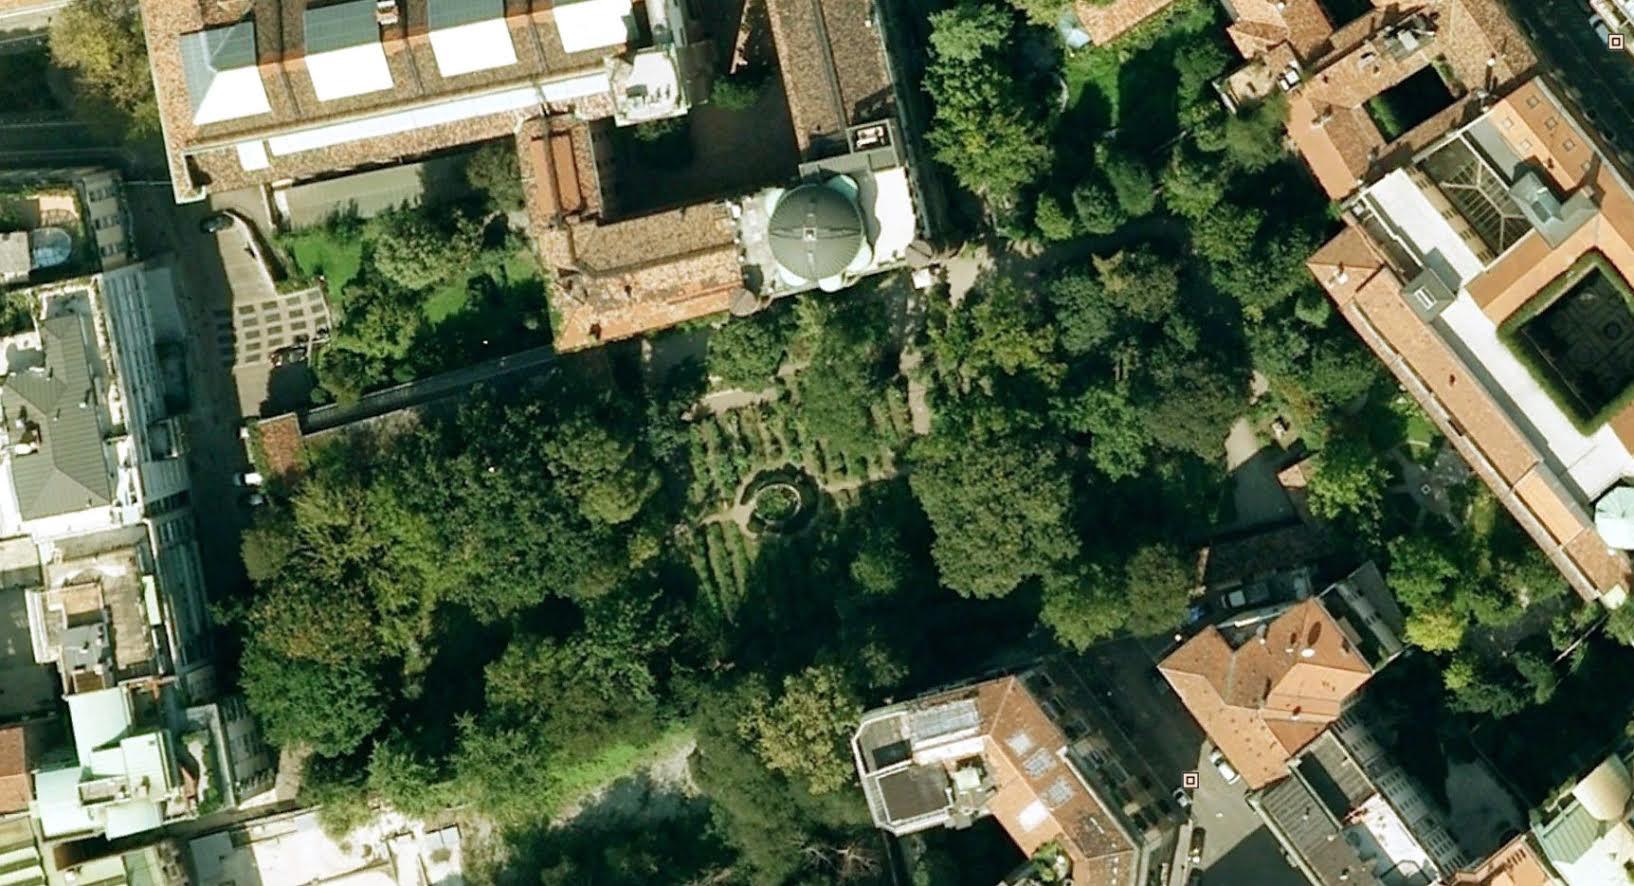 Gli altri giardini della valle d aosta giardino botanico alpino